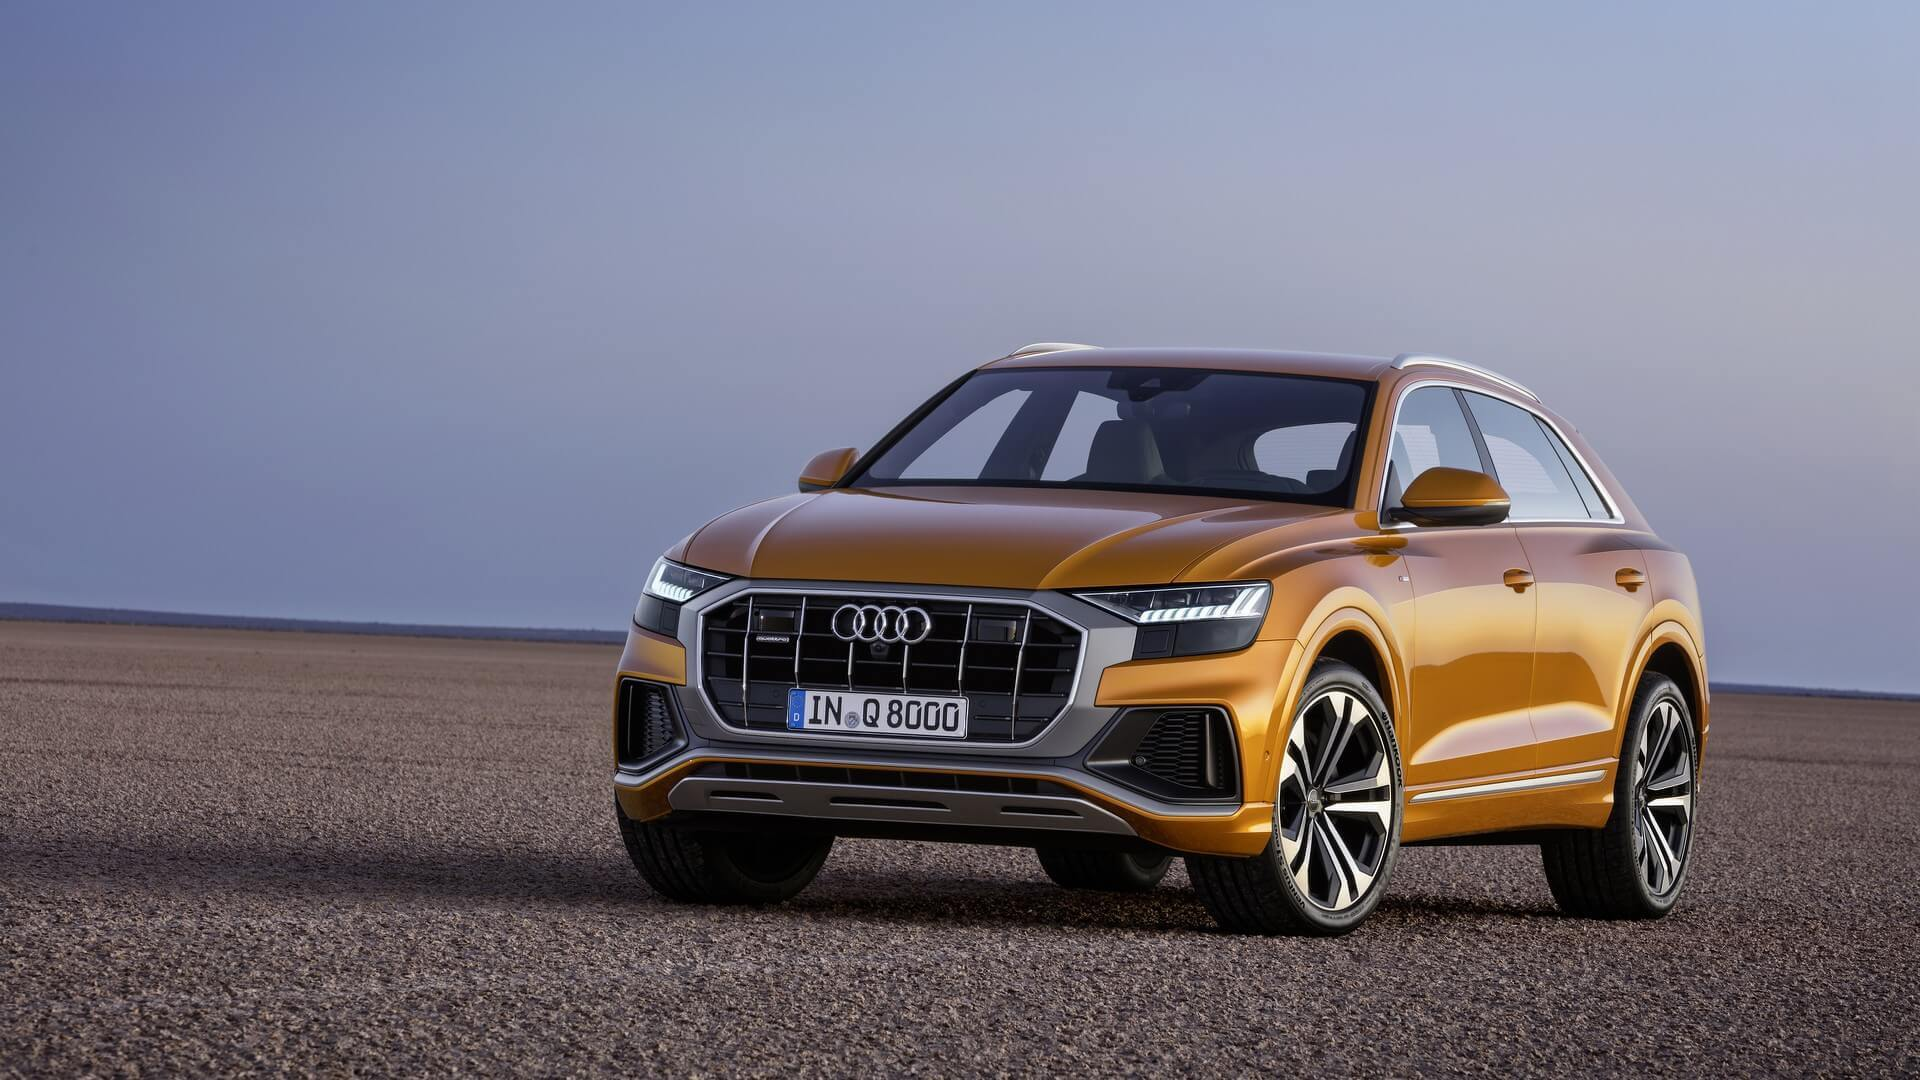 El Audi Q8 suma dos nuevos motores V6 a su gama: gasolina y diésel